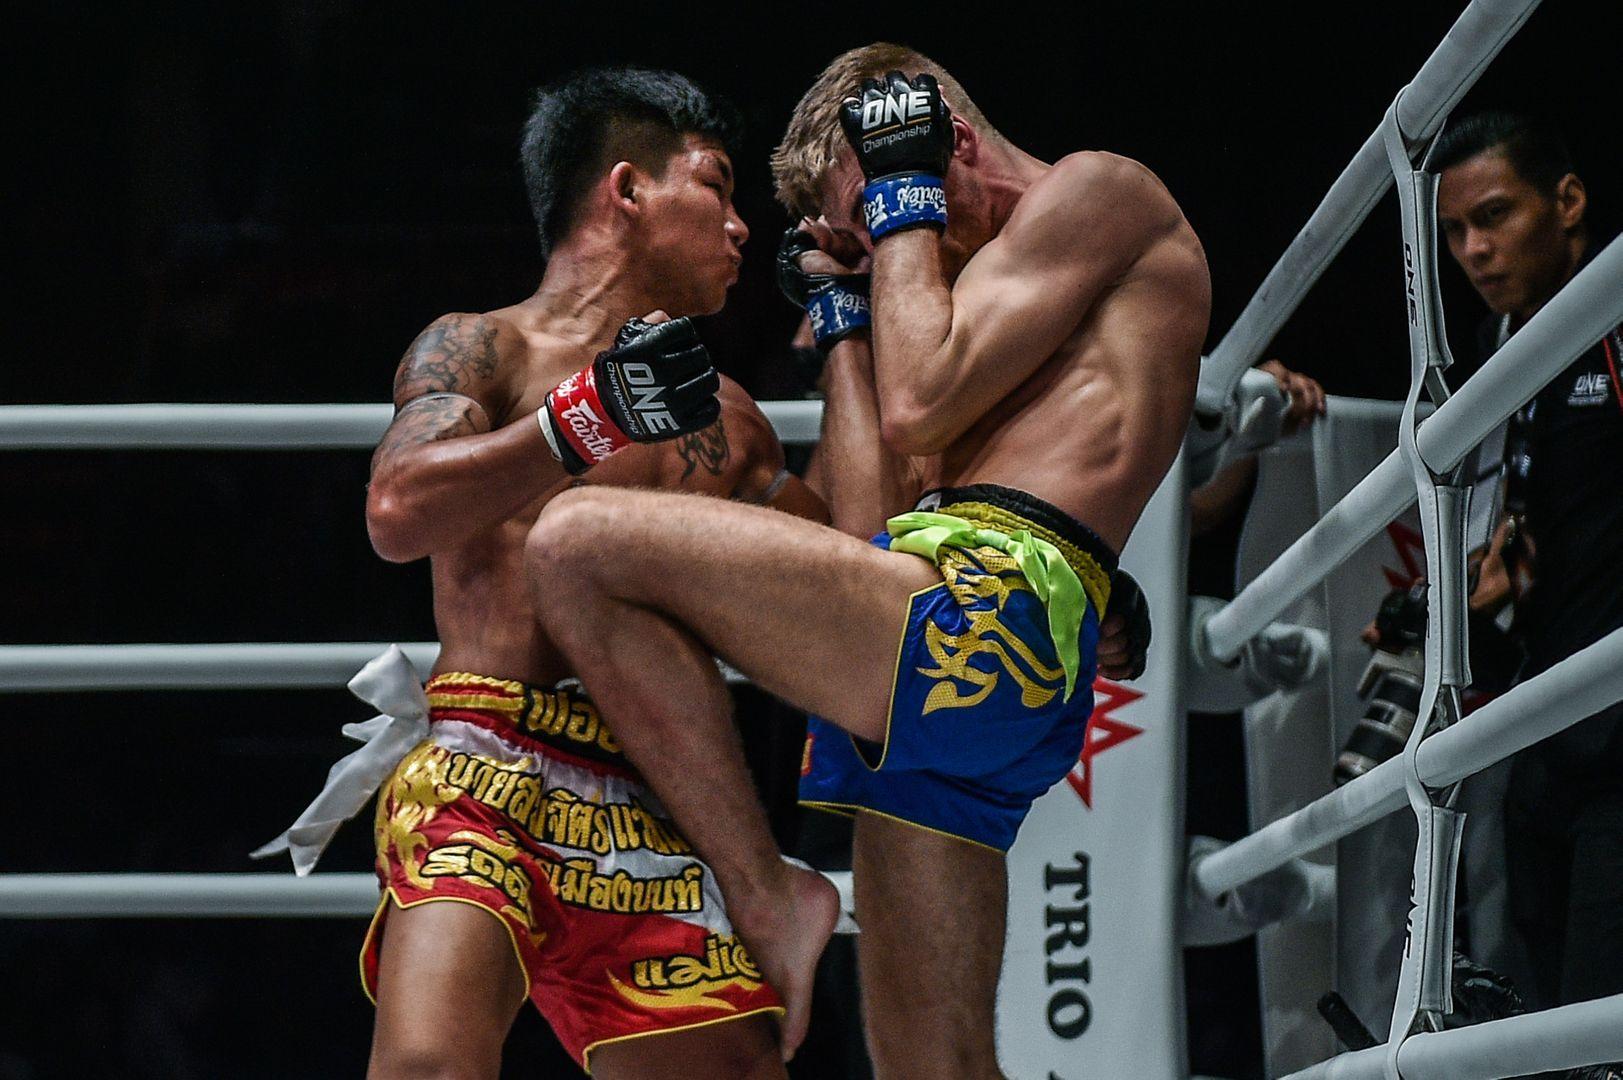 Rodtang Jitmuangnon knocks out Jonathan Haggerty at ONE A NEW TOMORROW